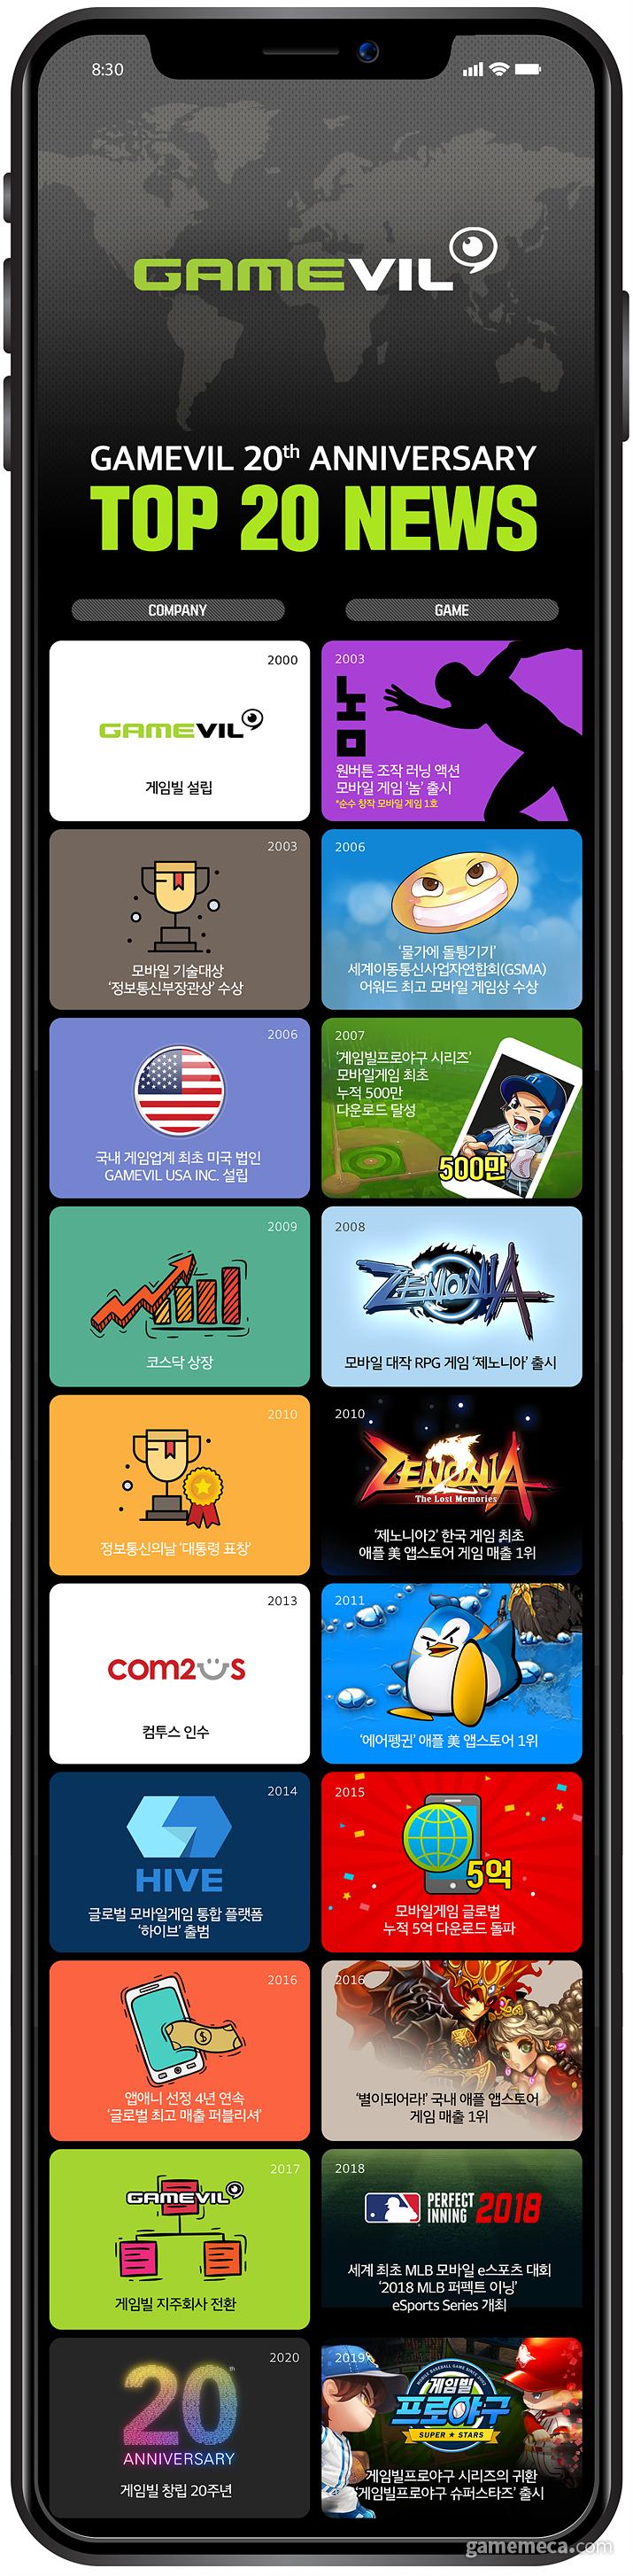 게임빌 20주년 기념 주요 이슈를 정리한 인포그래픽 (사진제공: 게임빌)